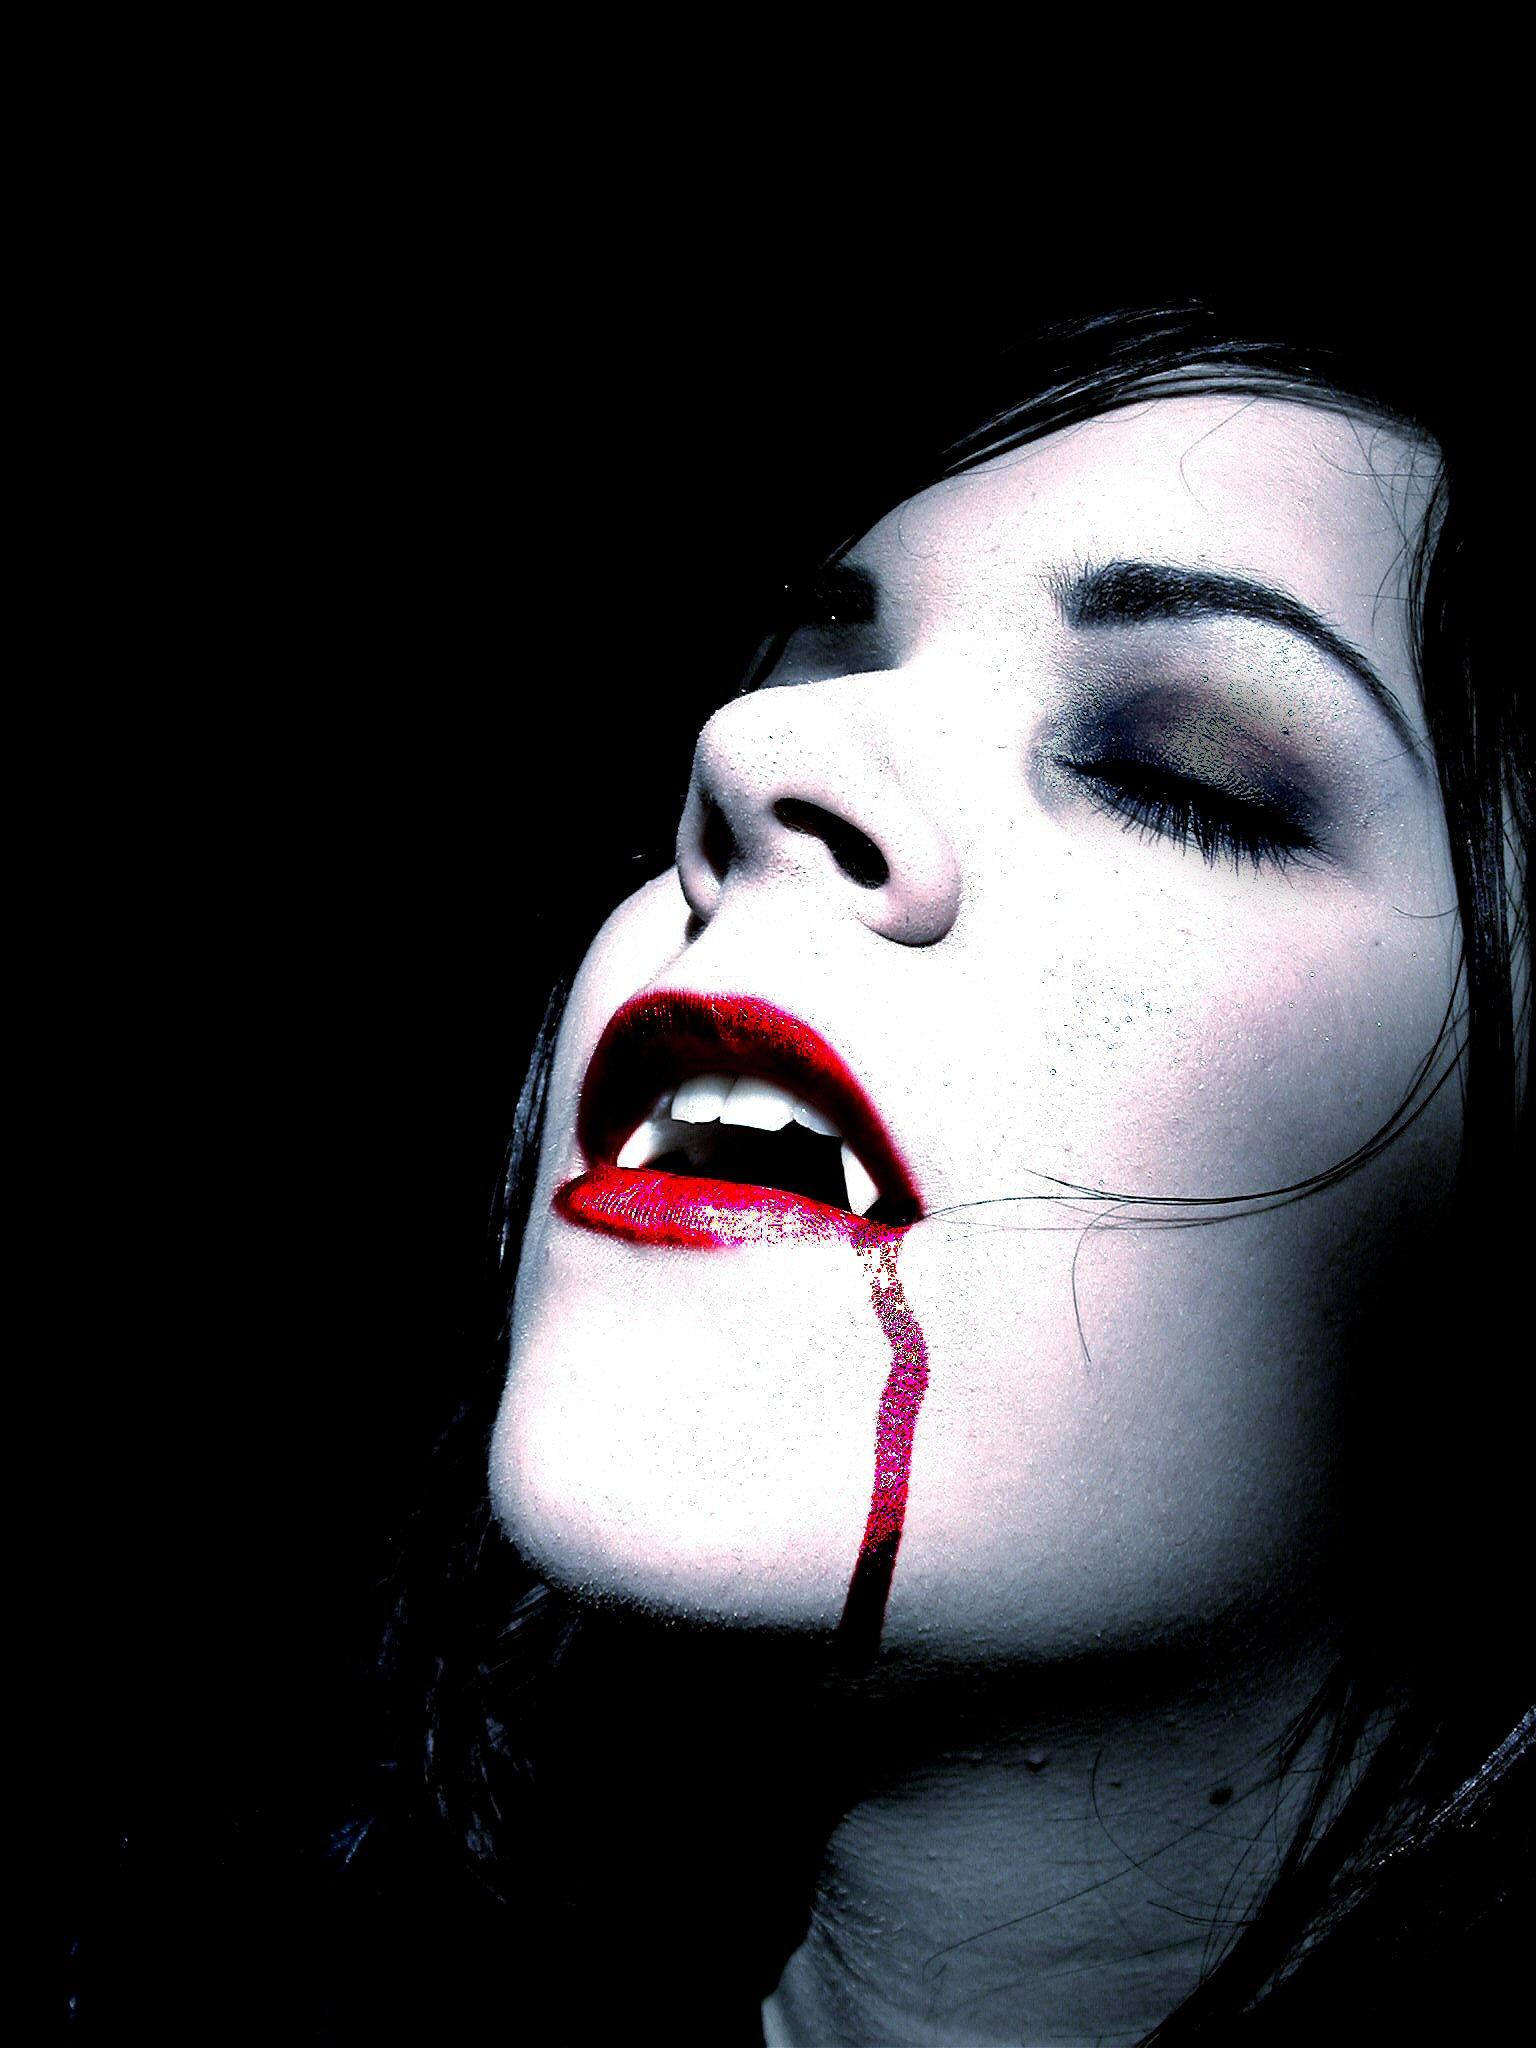 Vampire pornographic images pornos scenes